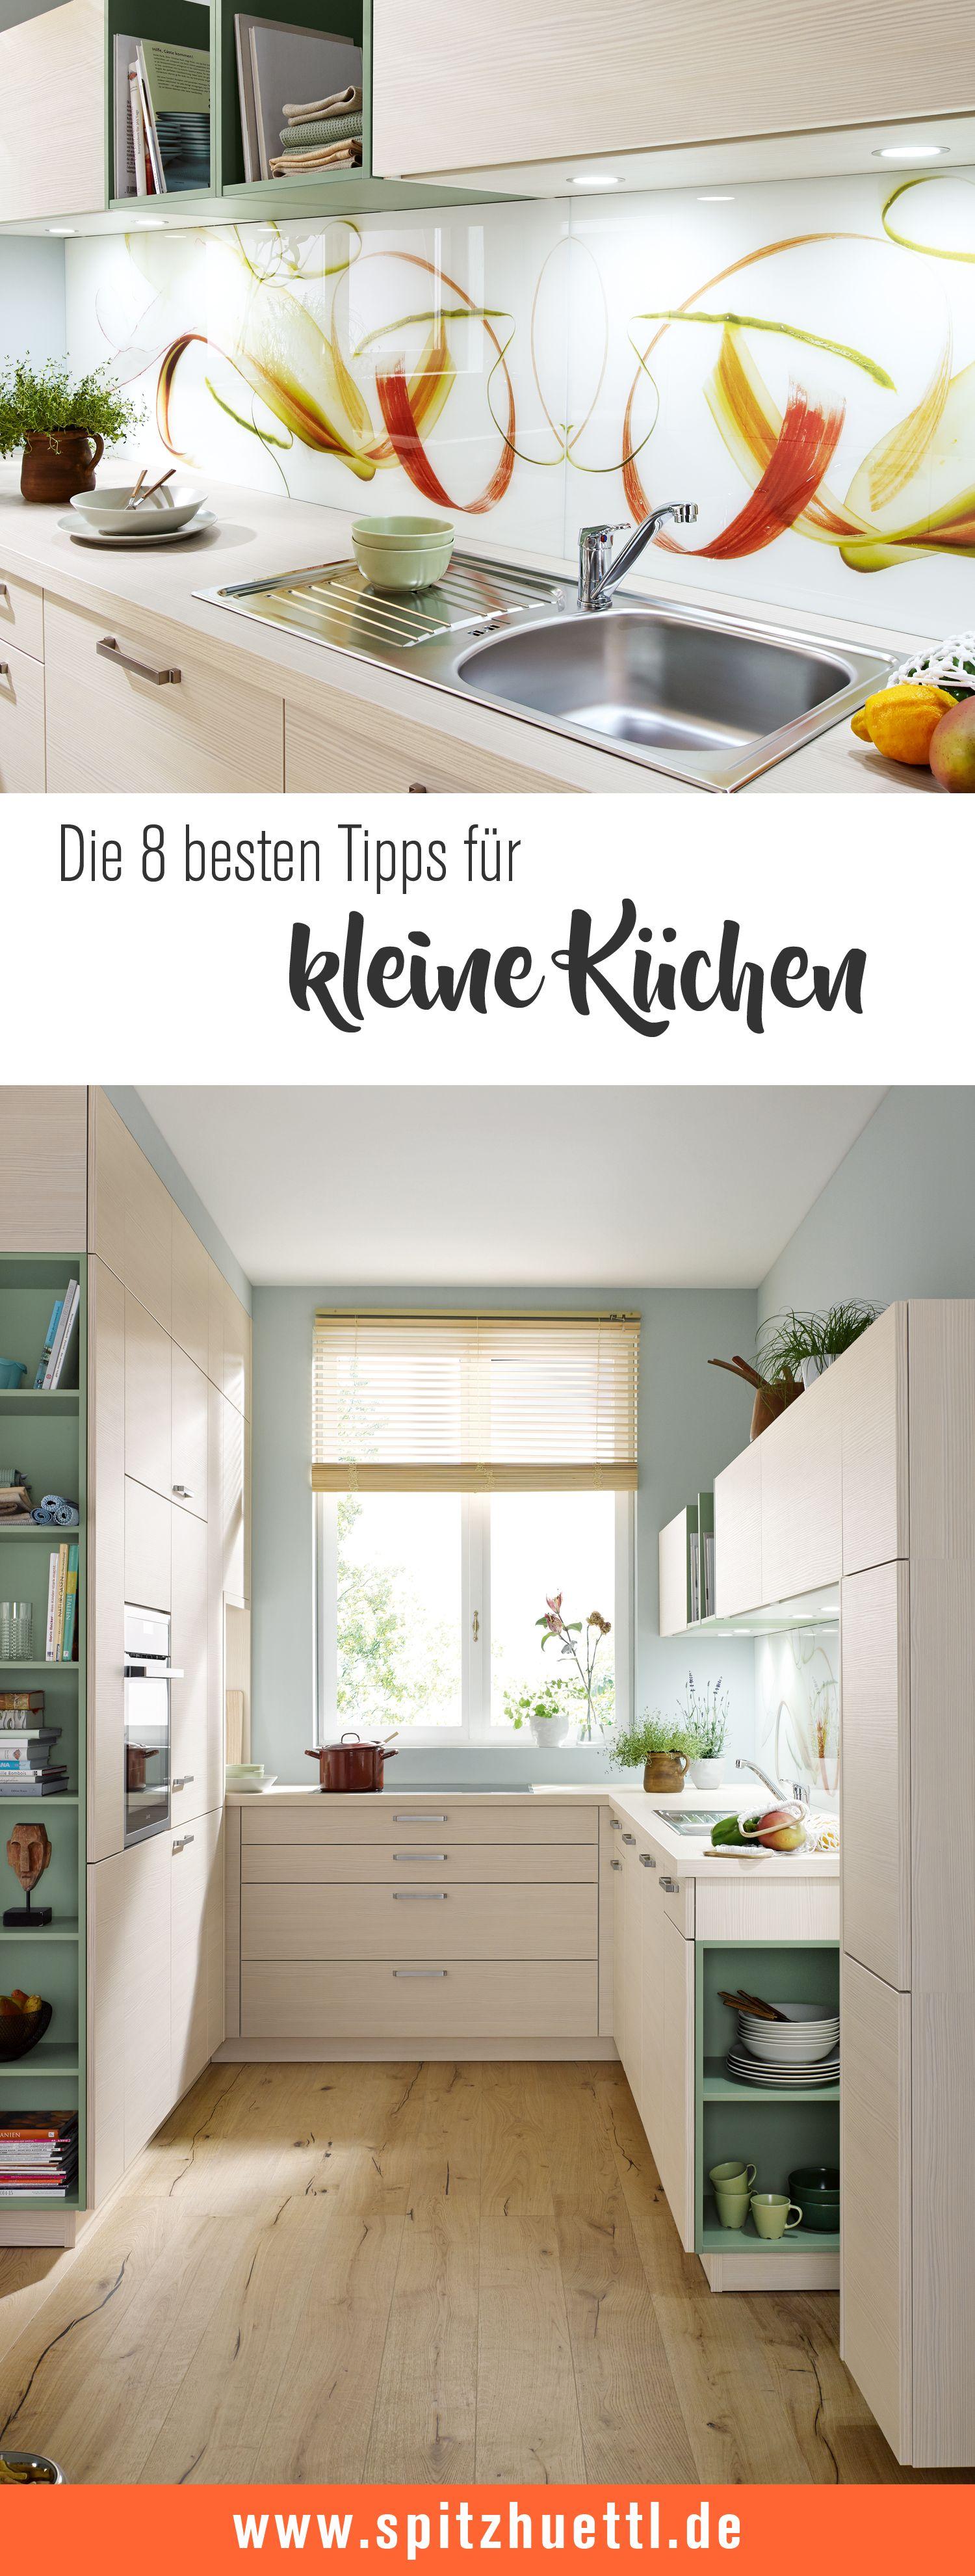 Photo of Die 8 besten Tipps für kleine Küchen